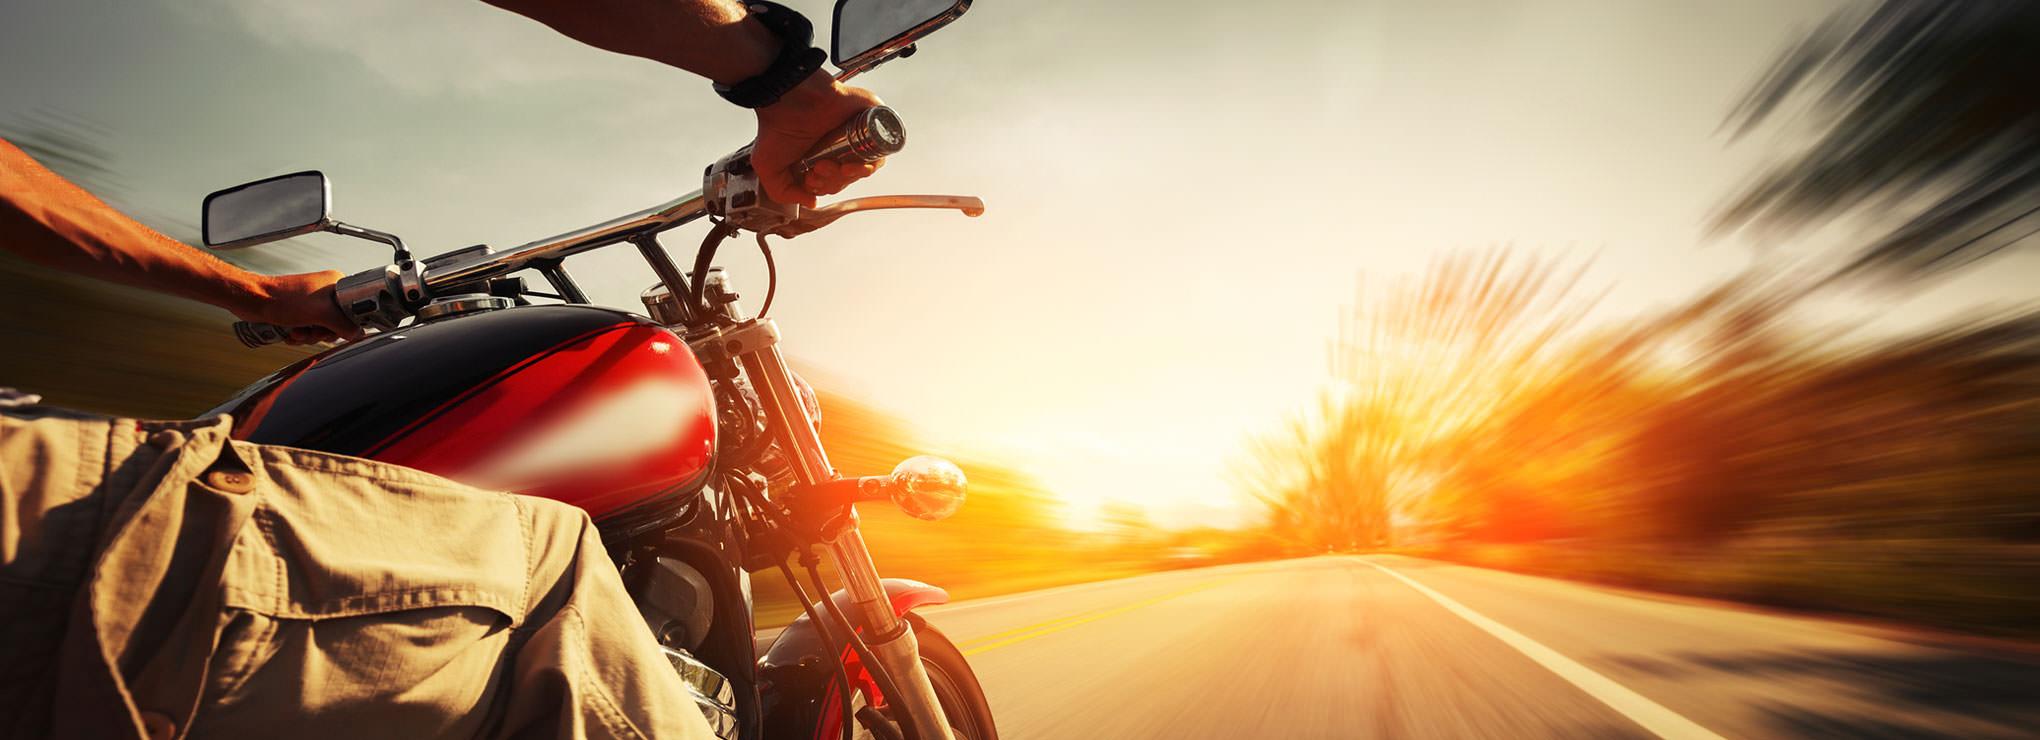 Sua moto com máxima potência.